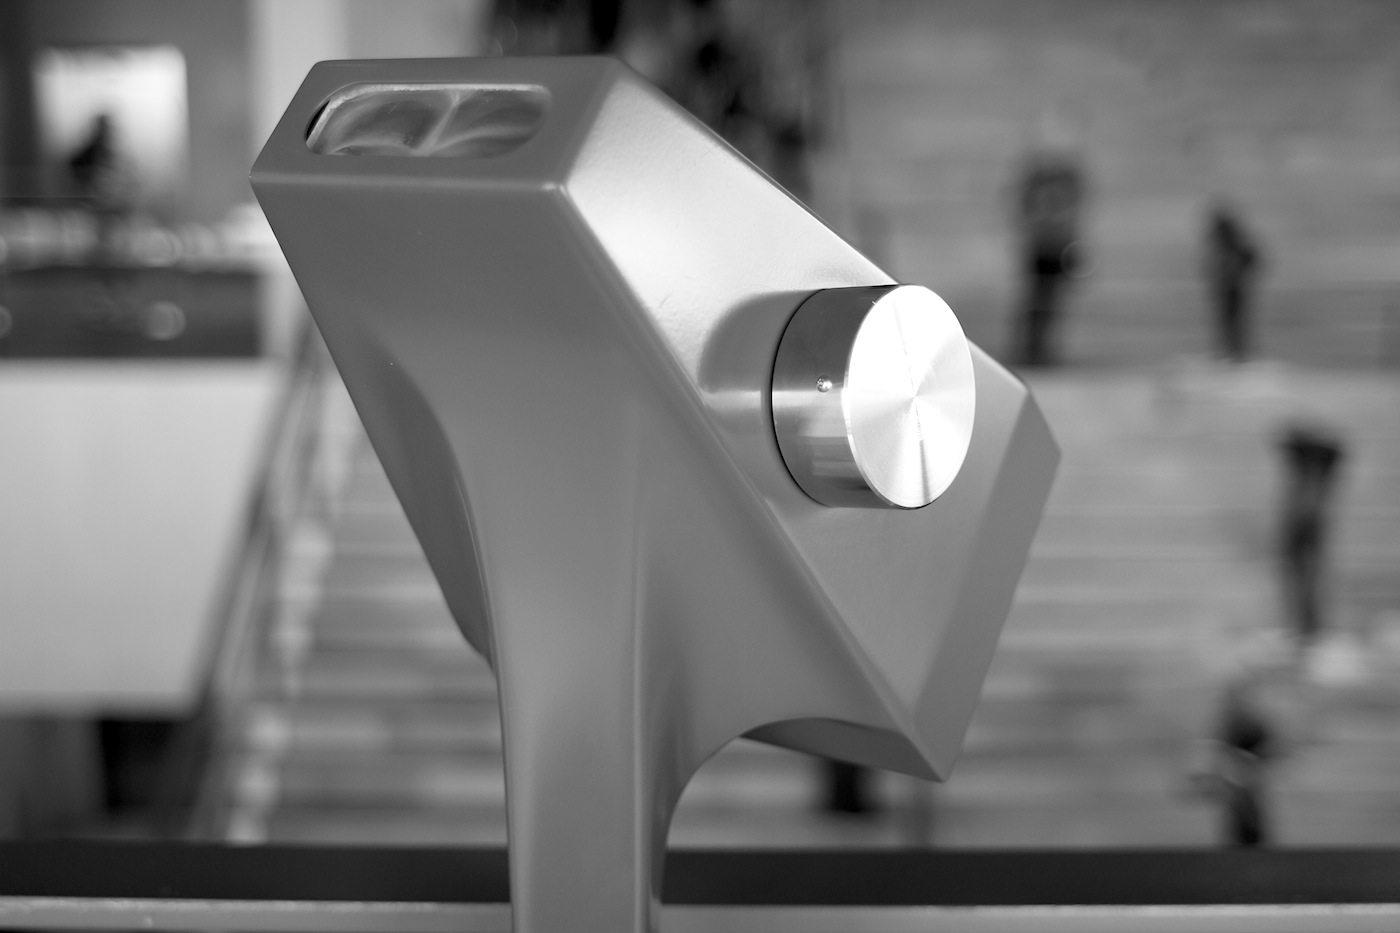 Moesgaard Museum. Vom Foyer können die Figuren mit einem digitalen Diorama durch mediale Ferngläser betrachtet werden.